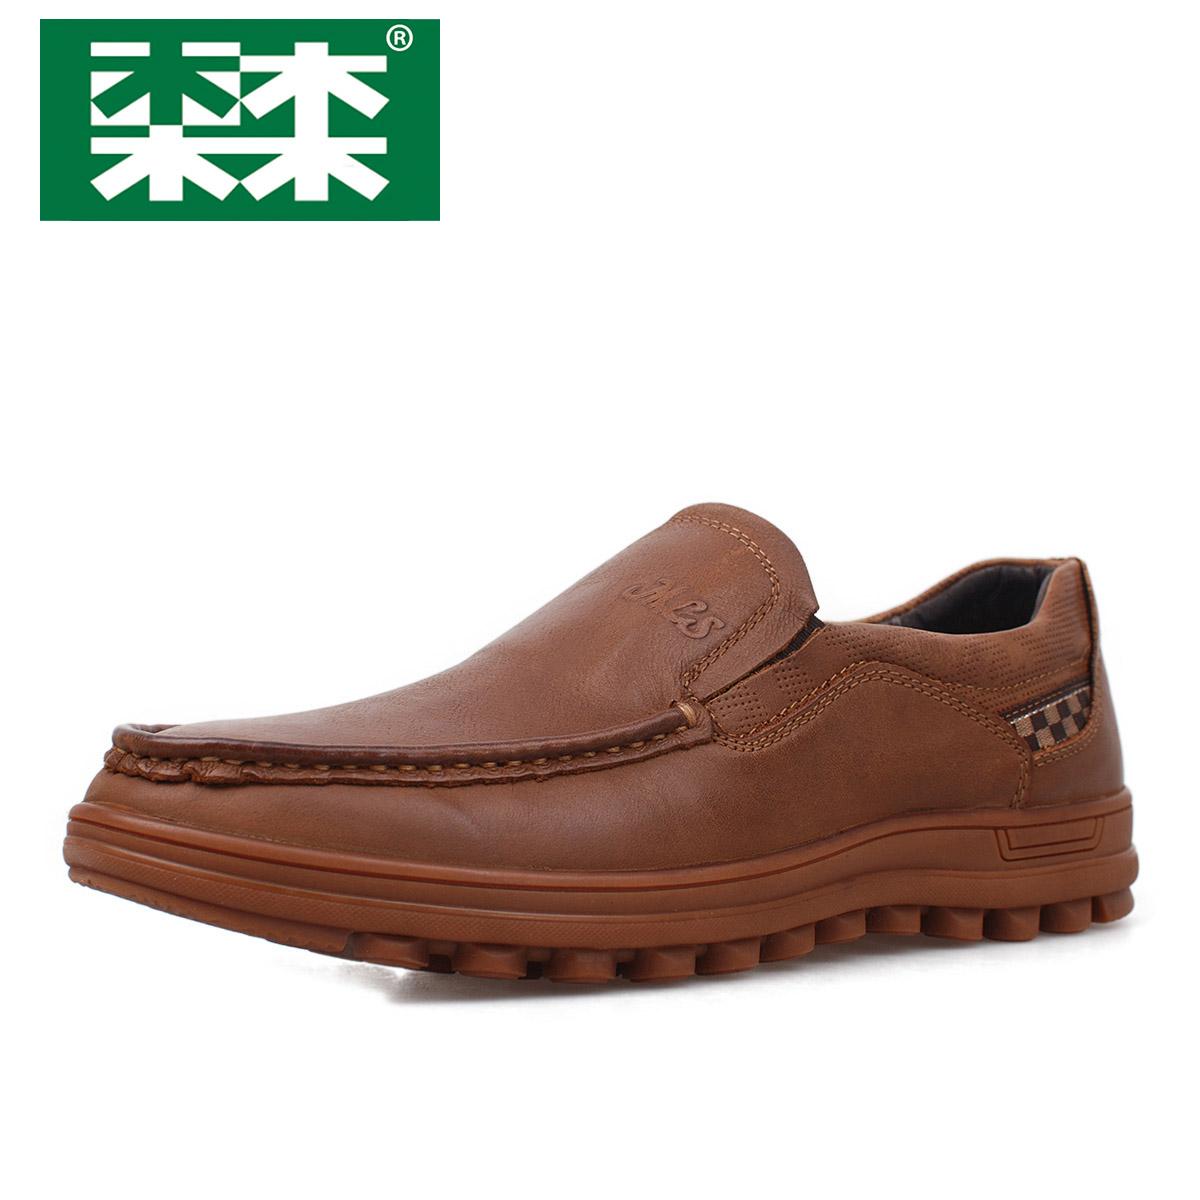 木林森2013年秋季新款休闲男鞋豆豆鞋英伦男鞋手工鞋 M1310656 价格:148.00